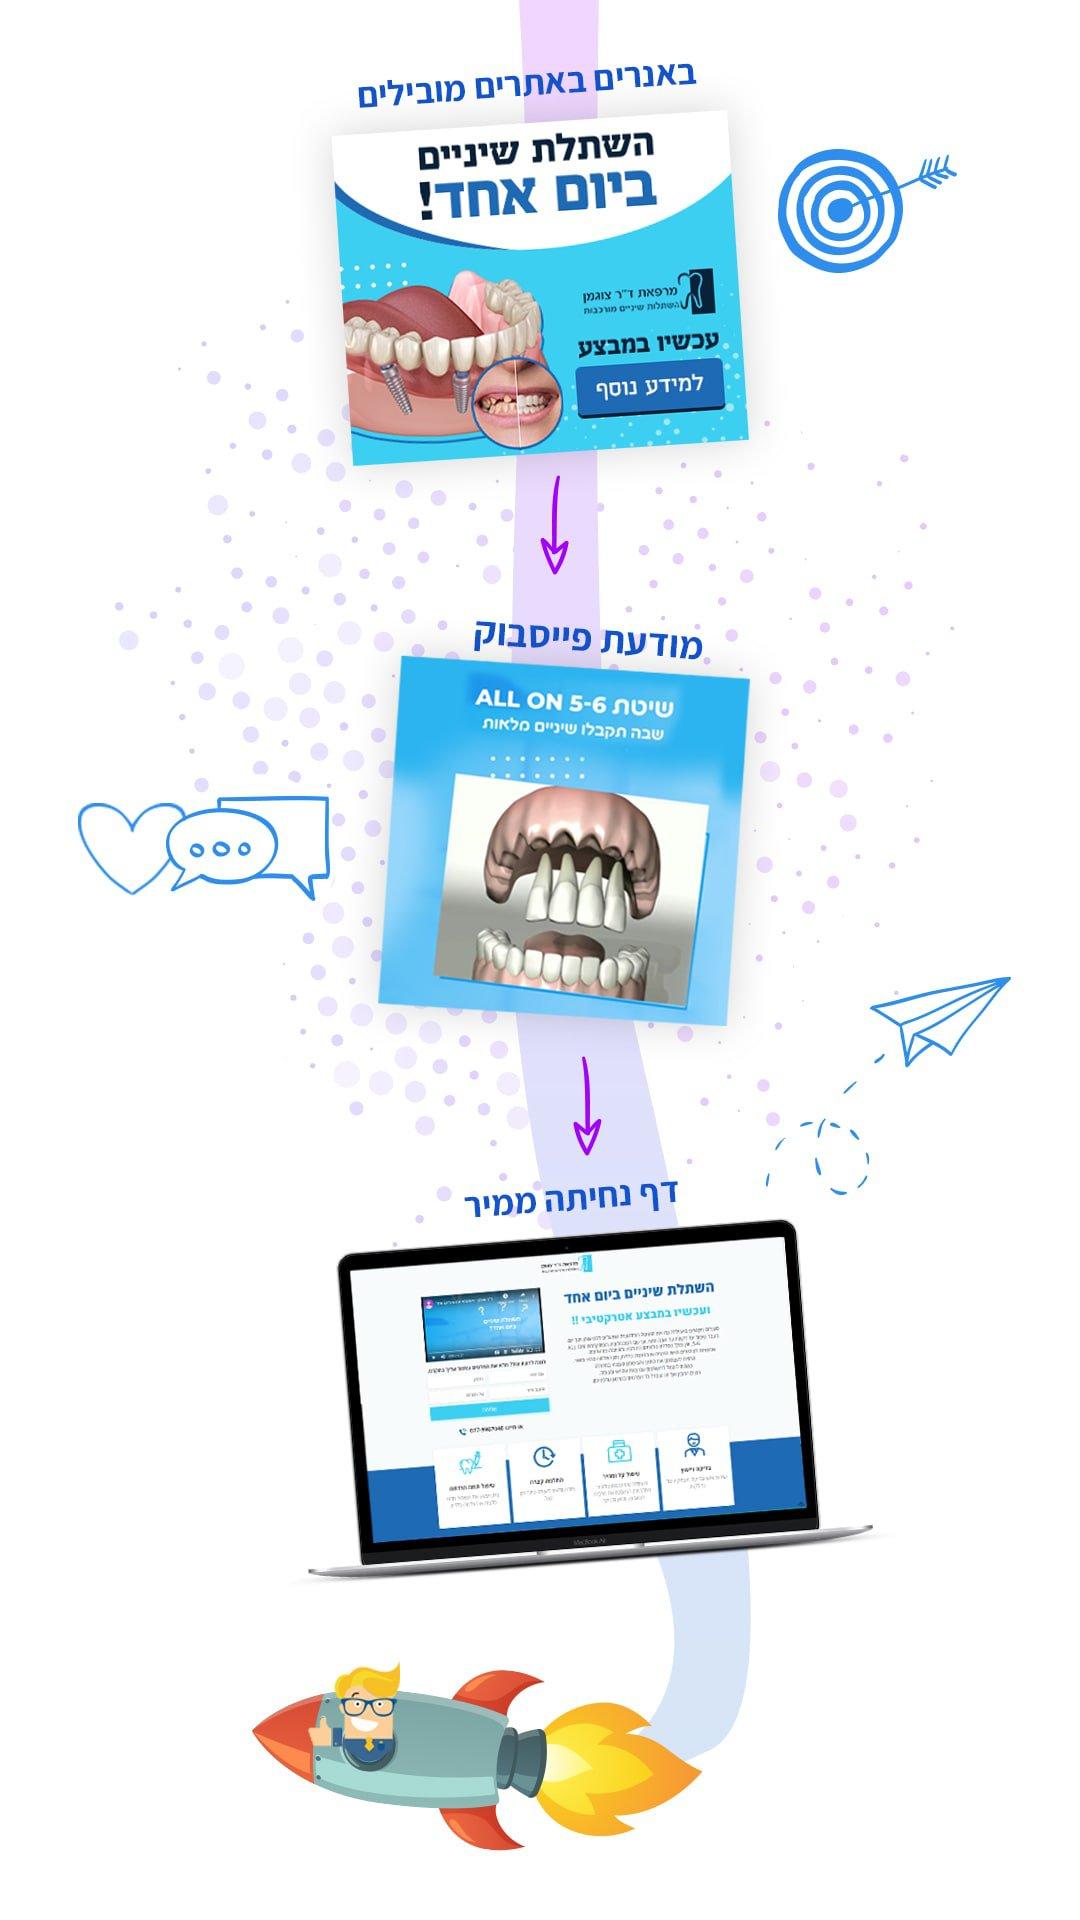 קמפיין לידים - חברה לבניית אתרים 6